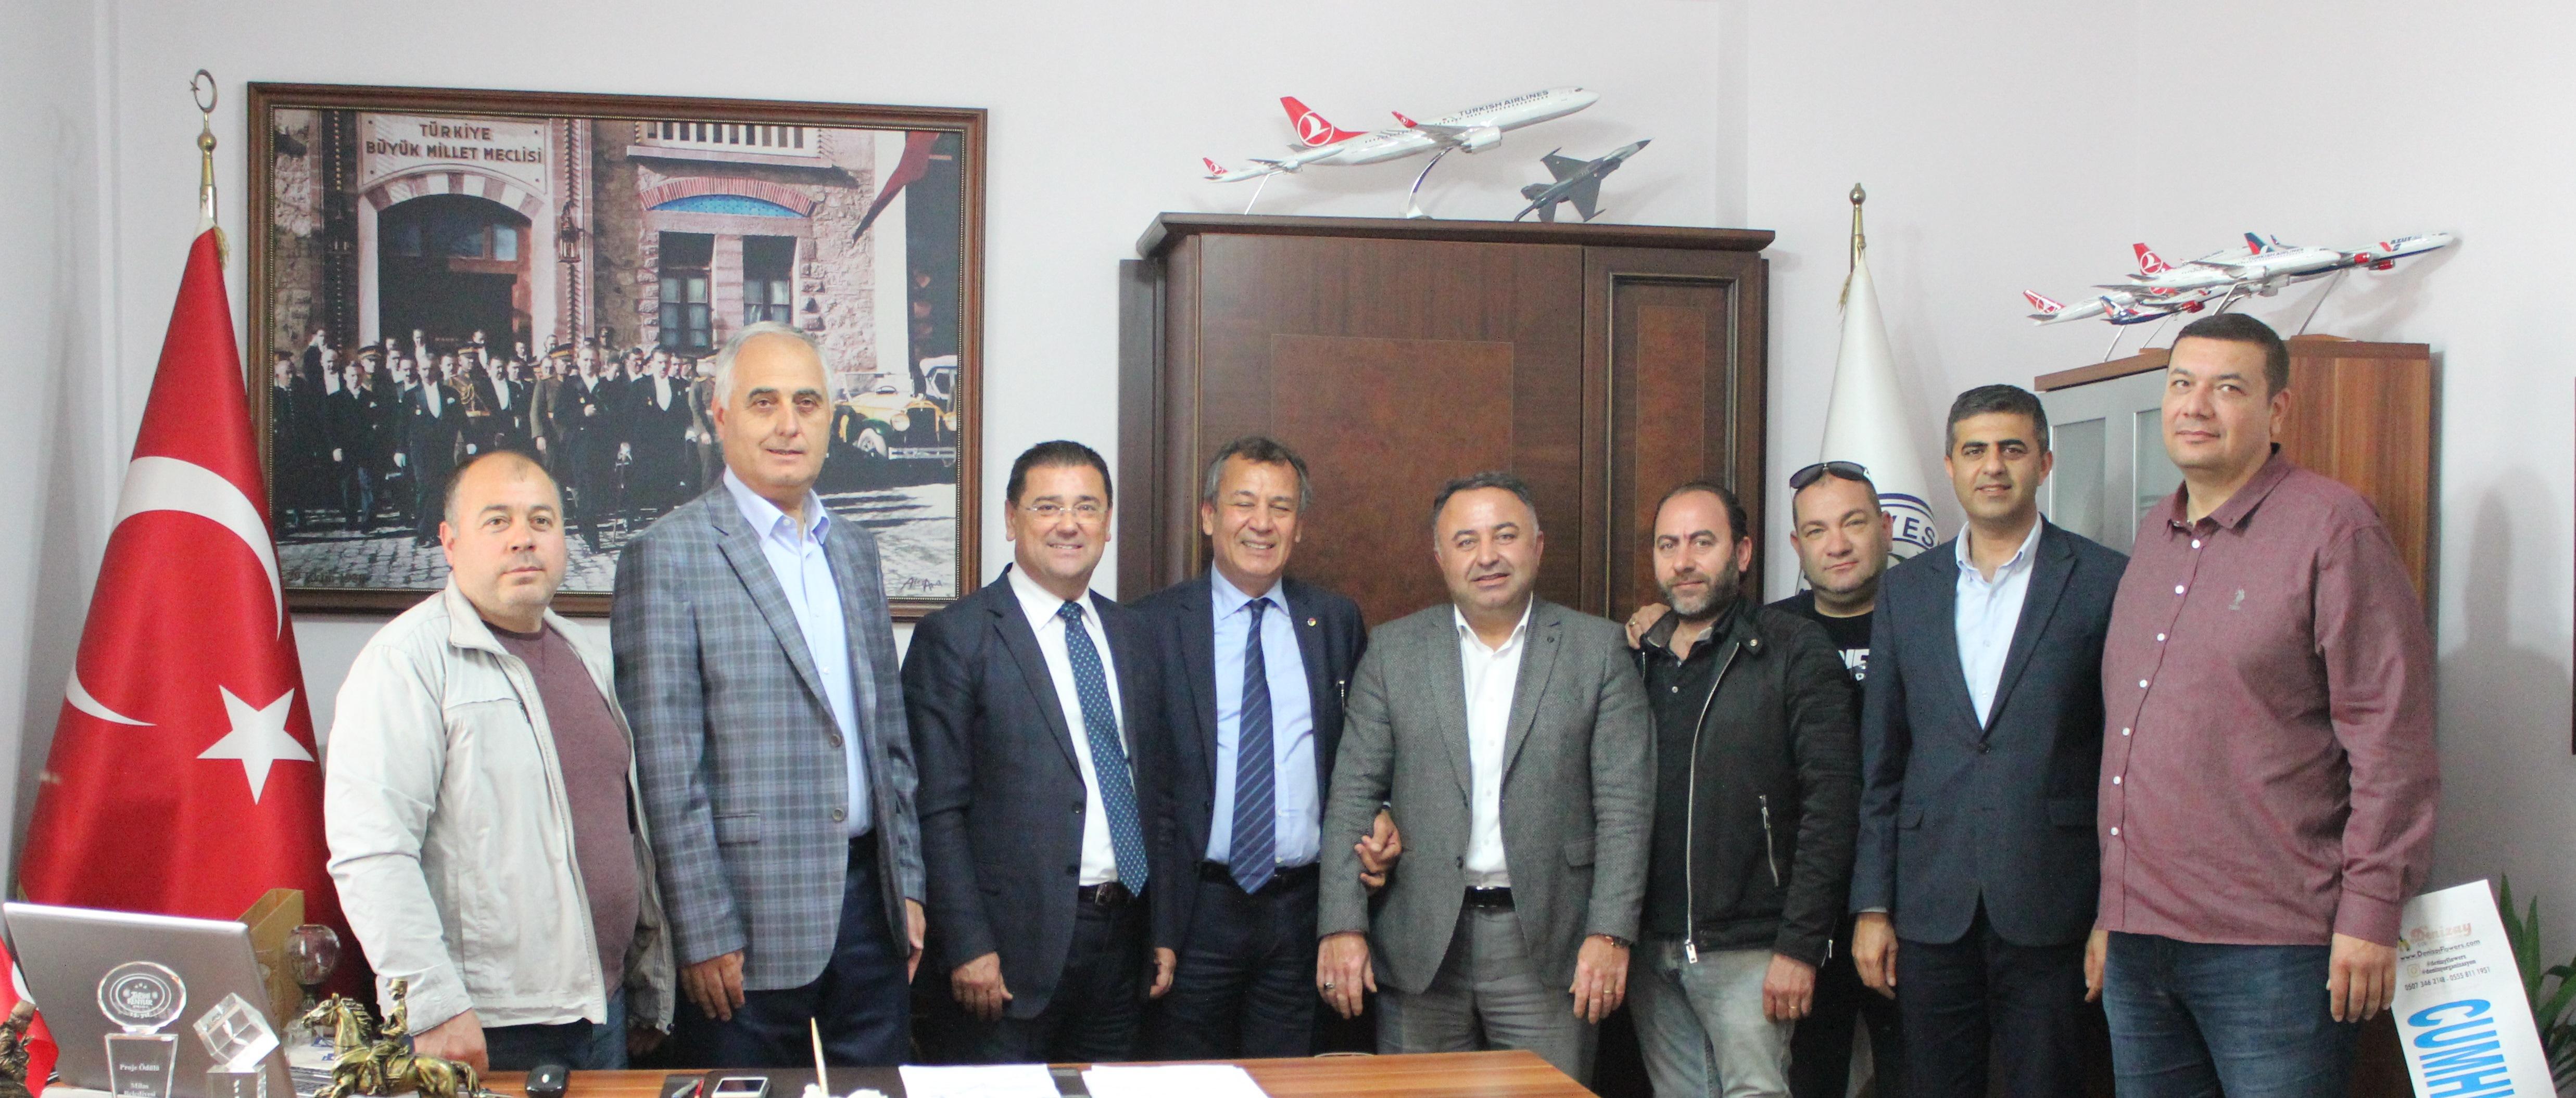 """MİTSO, Belediye Başkanı Muhammet Tokat'ı ziyaret ederek kutladı. """"MİLAS'TA EKSİĞİMİZ YOK, FAZLAMIZ ÇOK"""""""